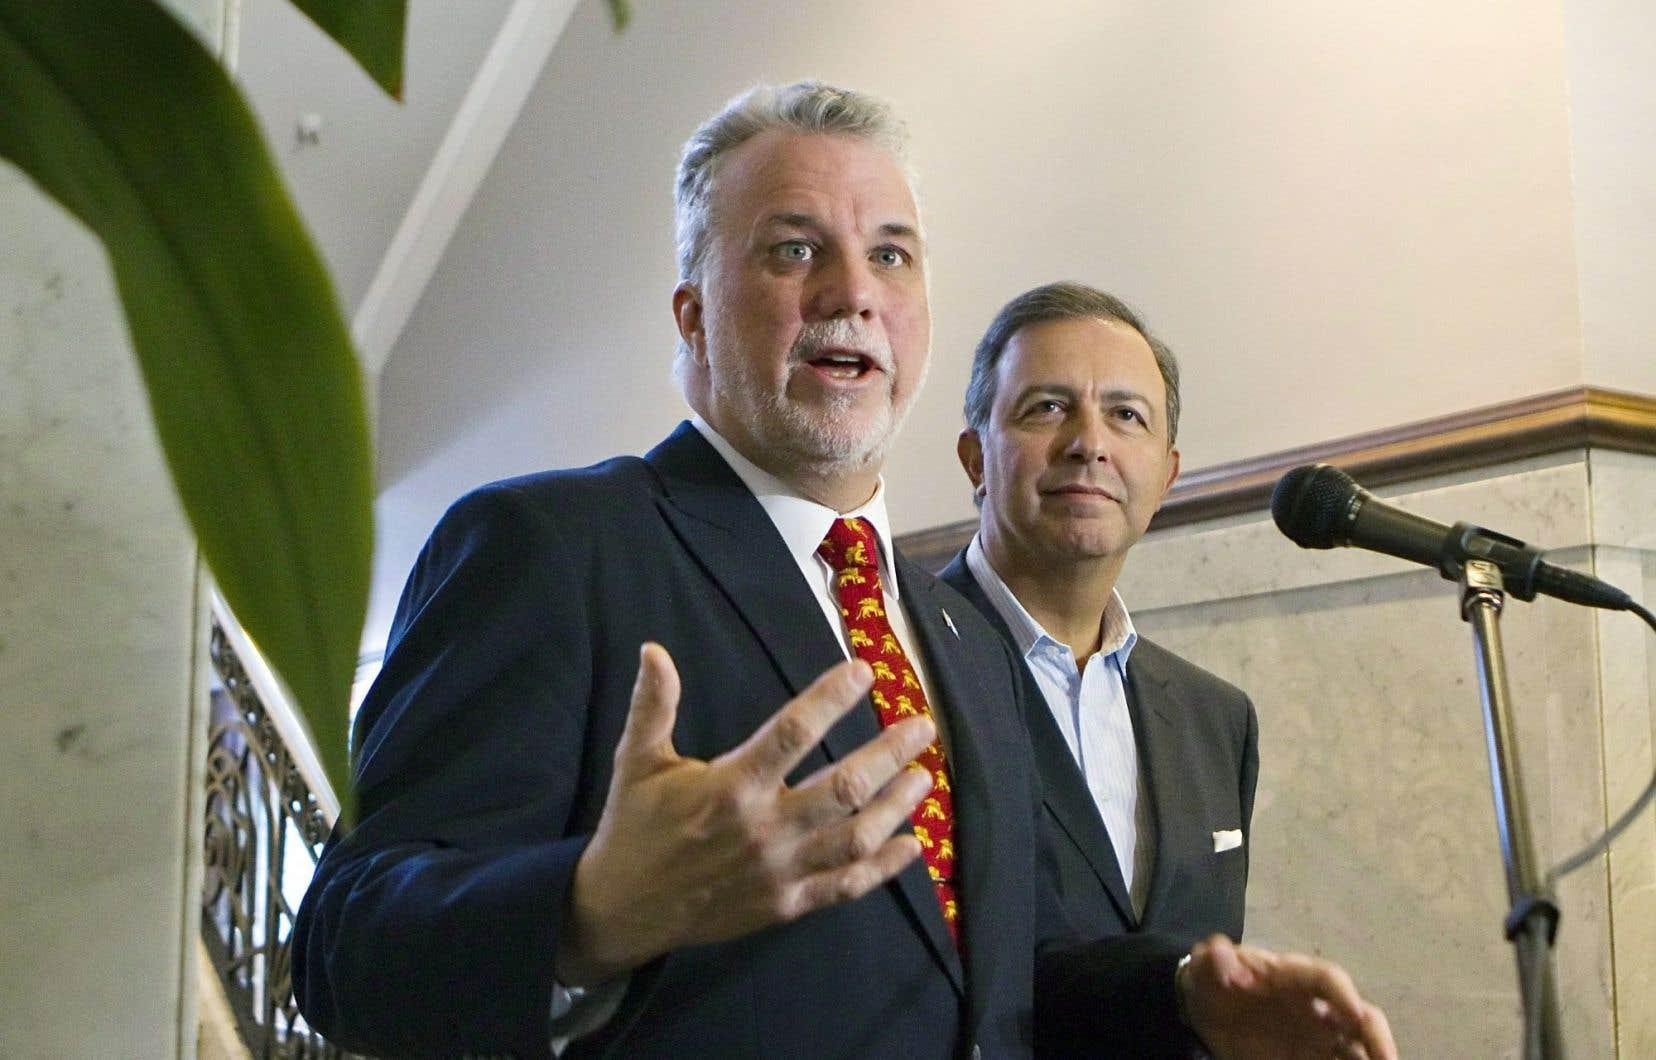 Le premier ministre Philippe Couillard s'est porté à la défense de Sam Hamad, qui s'est retiré temporairement du Conseil des ministres le temps que durera l'enquête du Commissaire à l'éthique et à la déontologie.